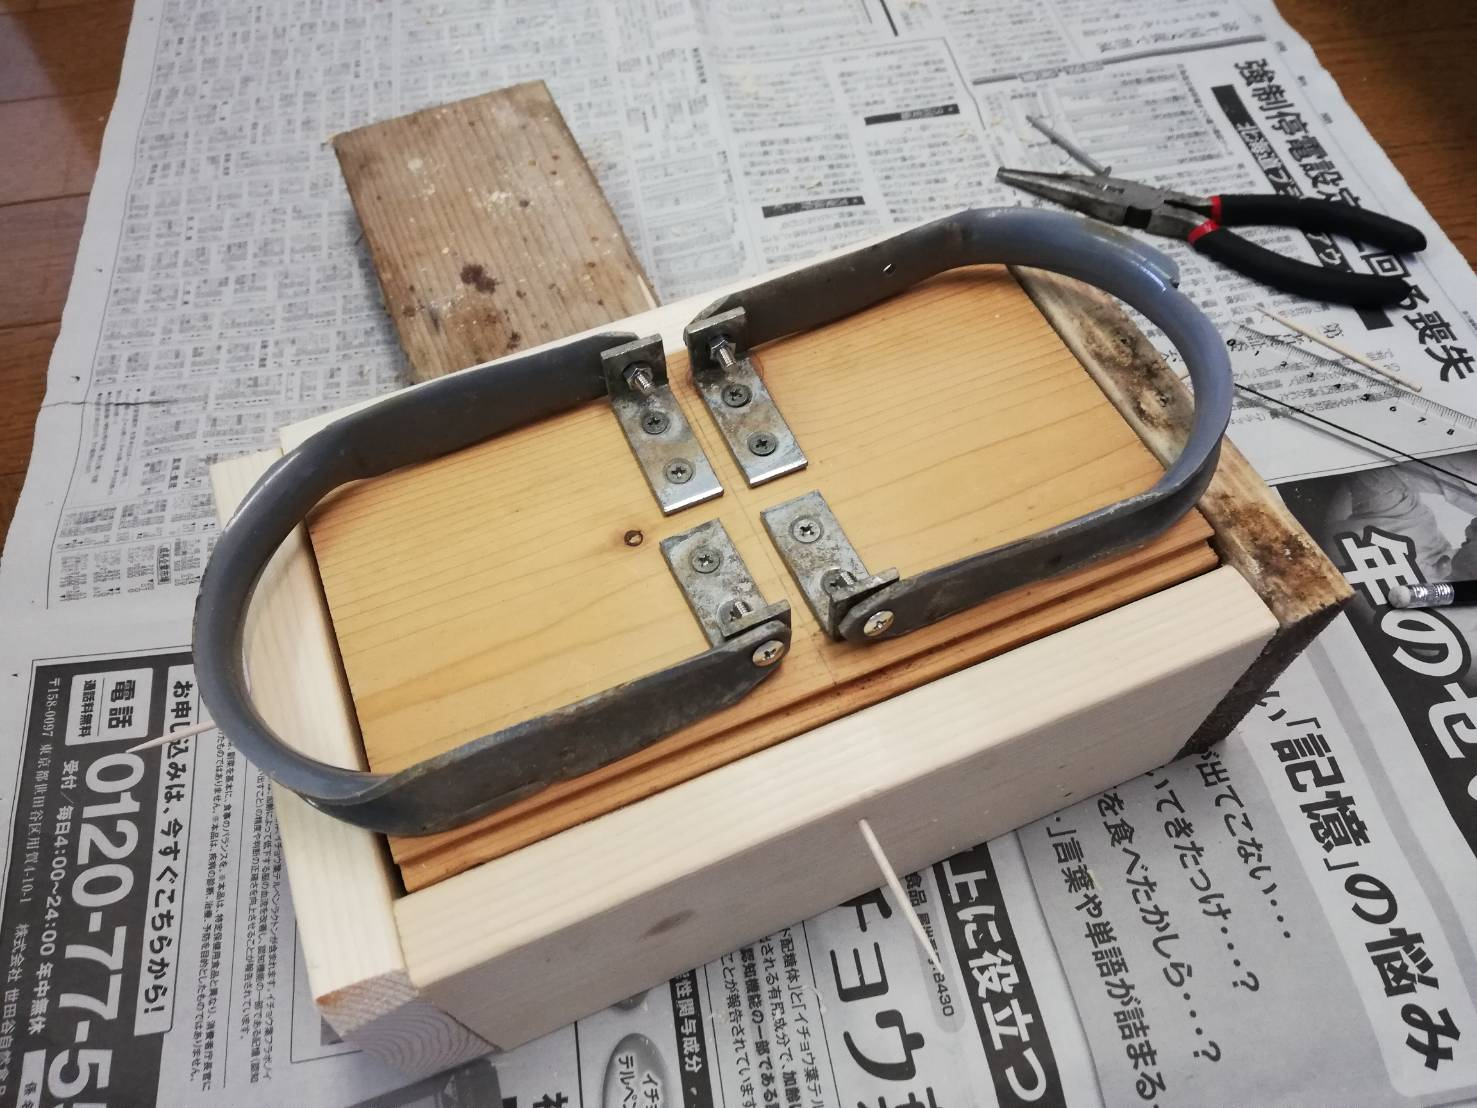 ファーレ旭のくくり罠を買ったので、自作の弁当箱型罠も改良してみた